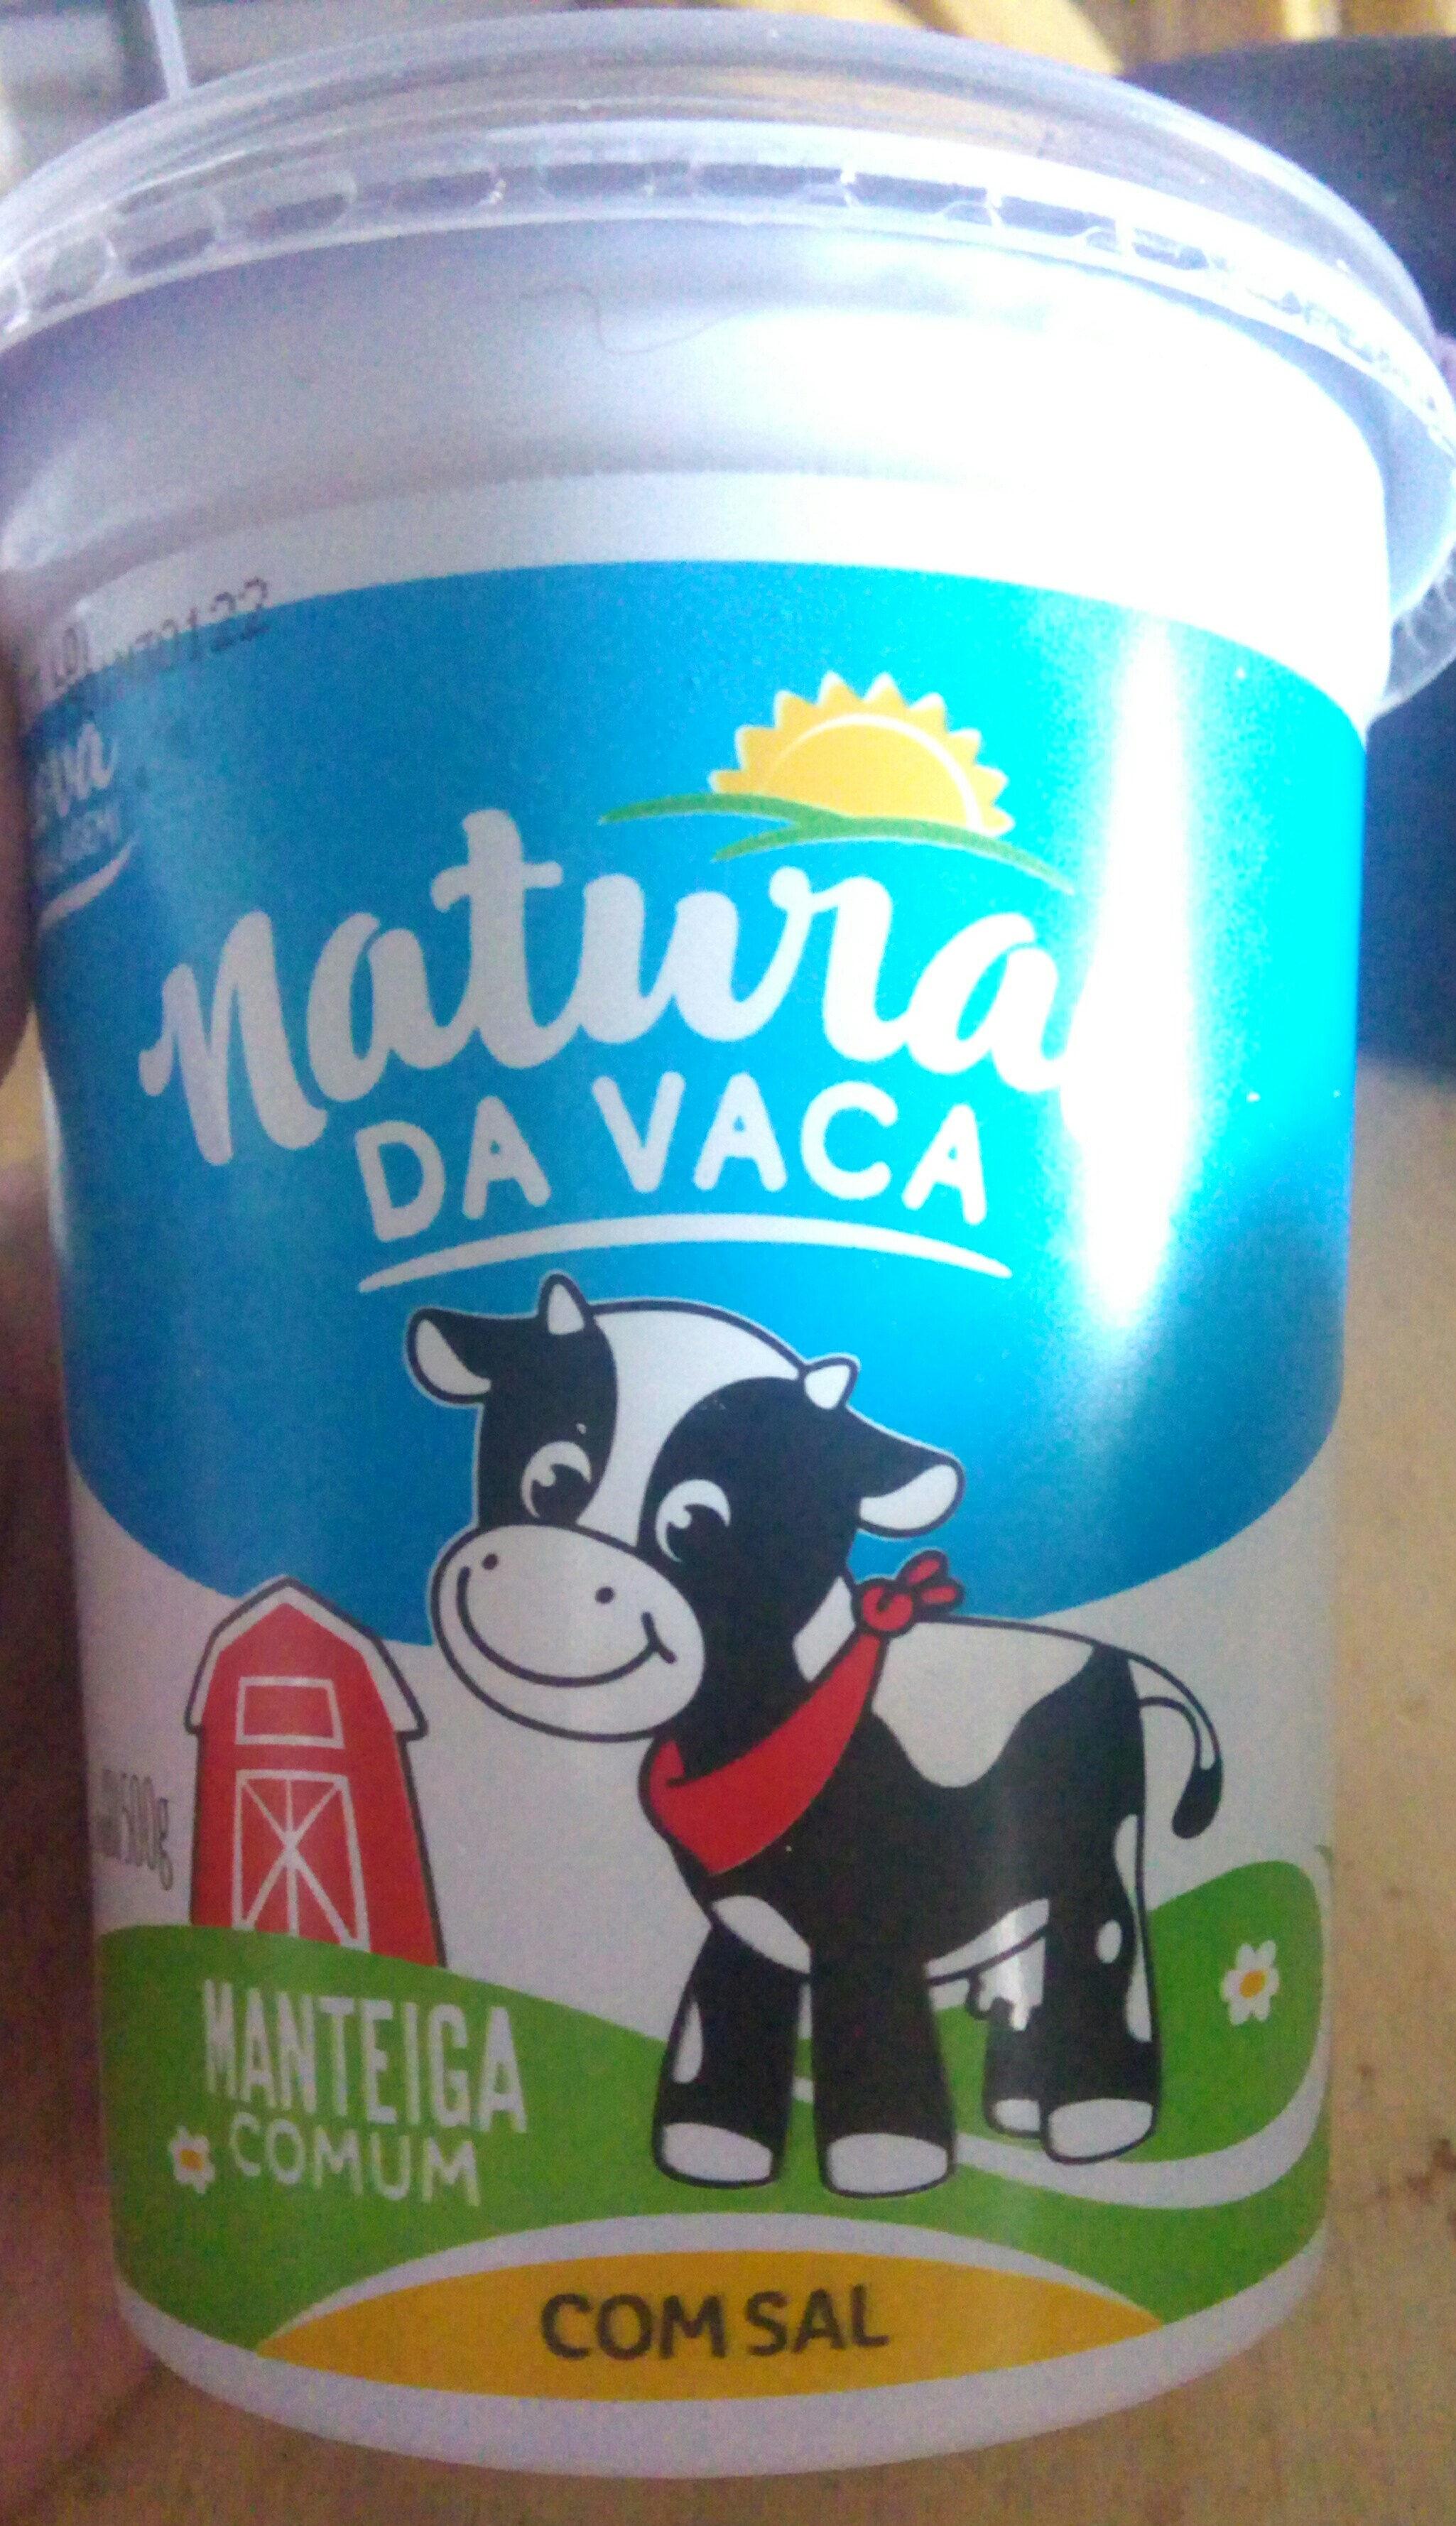 manteiga natural da vaca - Produto - pt